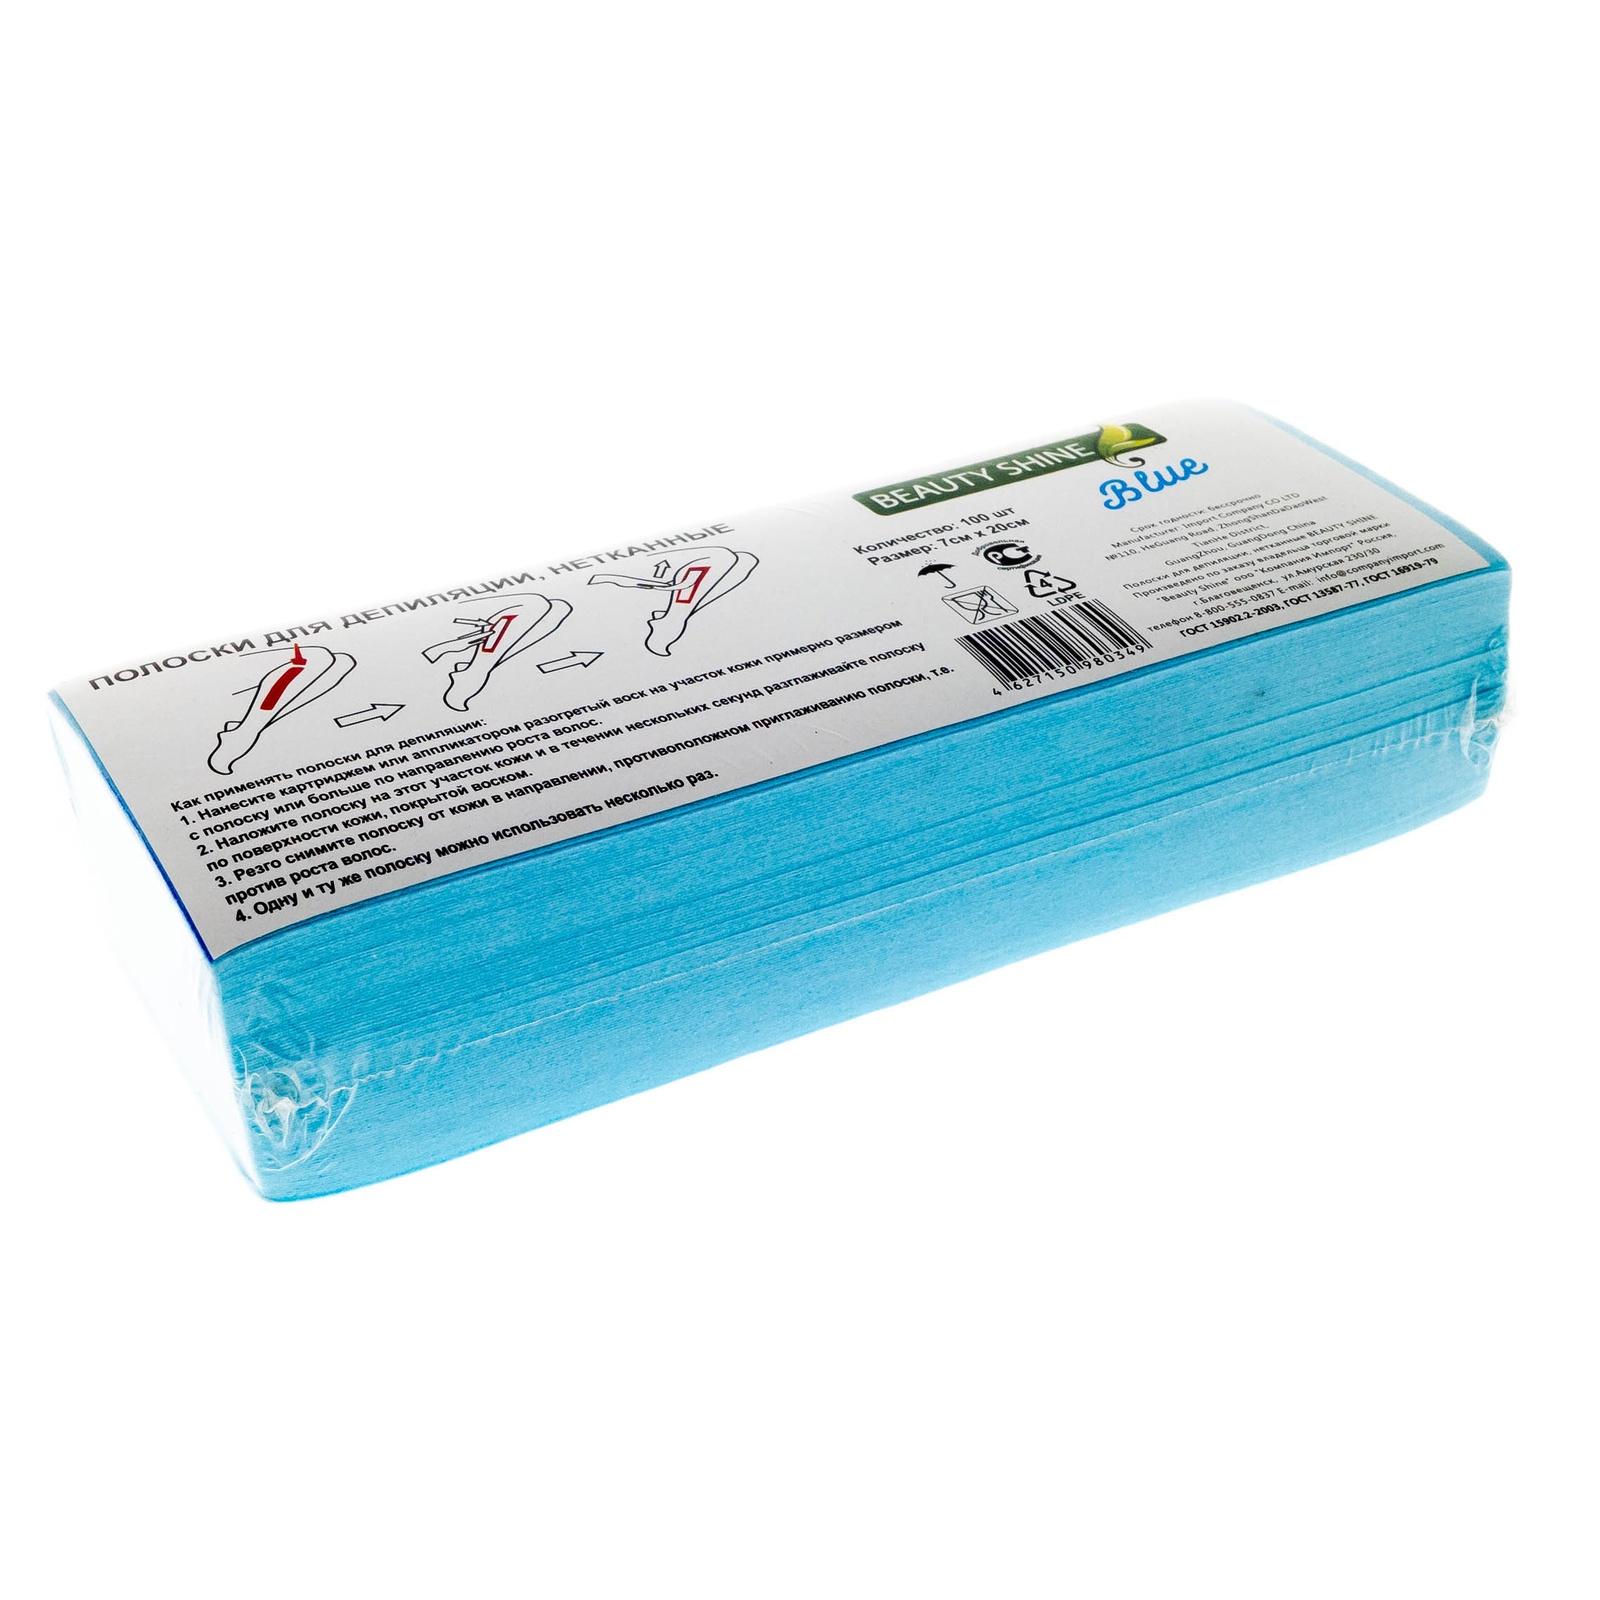 Полоски для депиляции нетканые Blue Beauty Shine, 100 шт для депиляции магазин